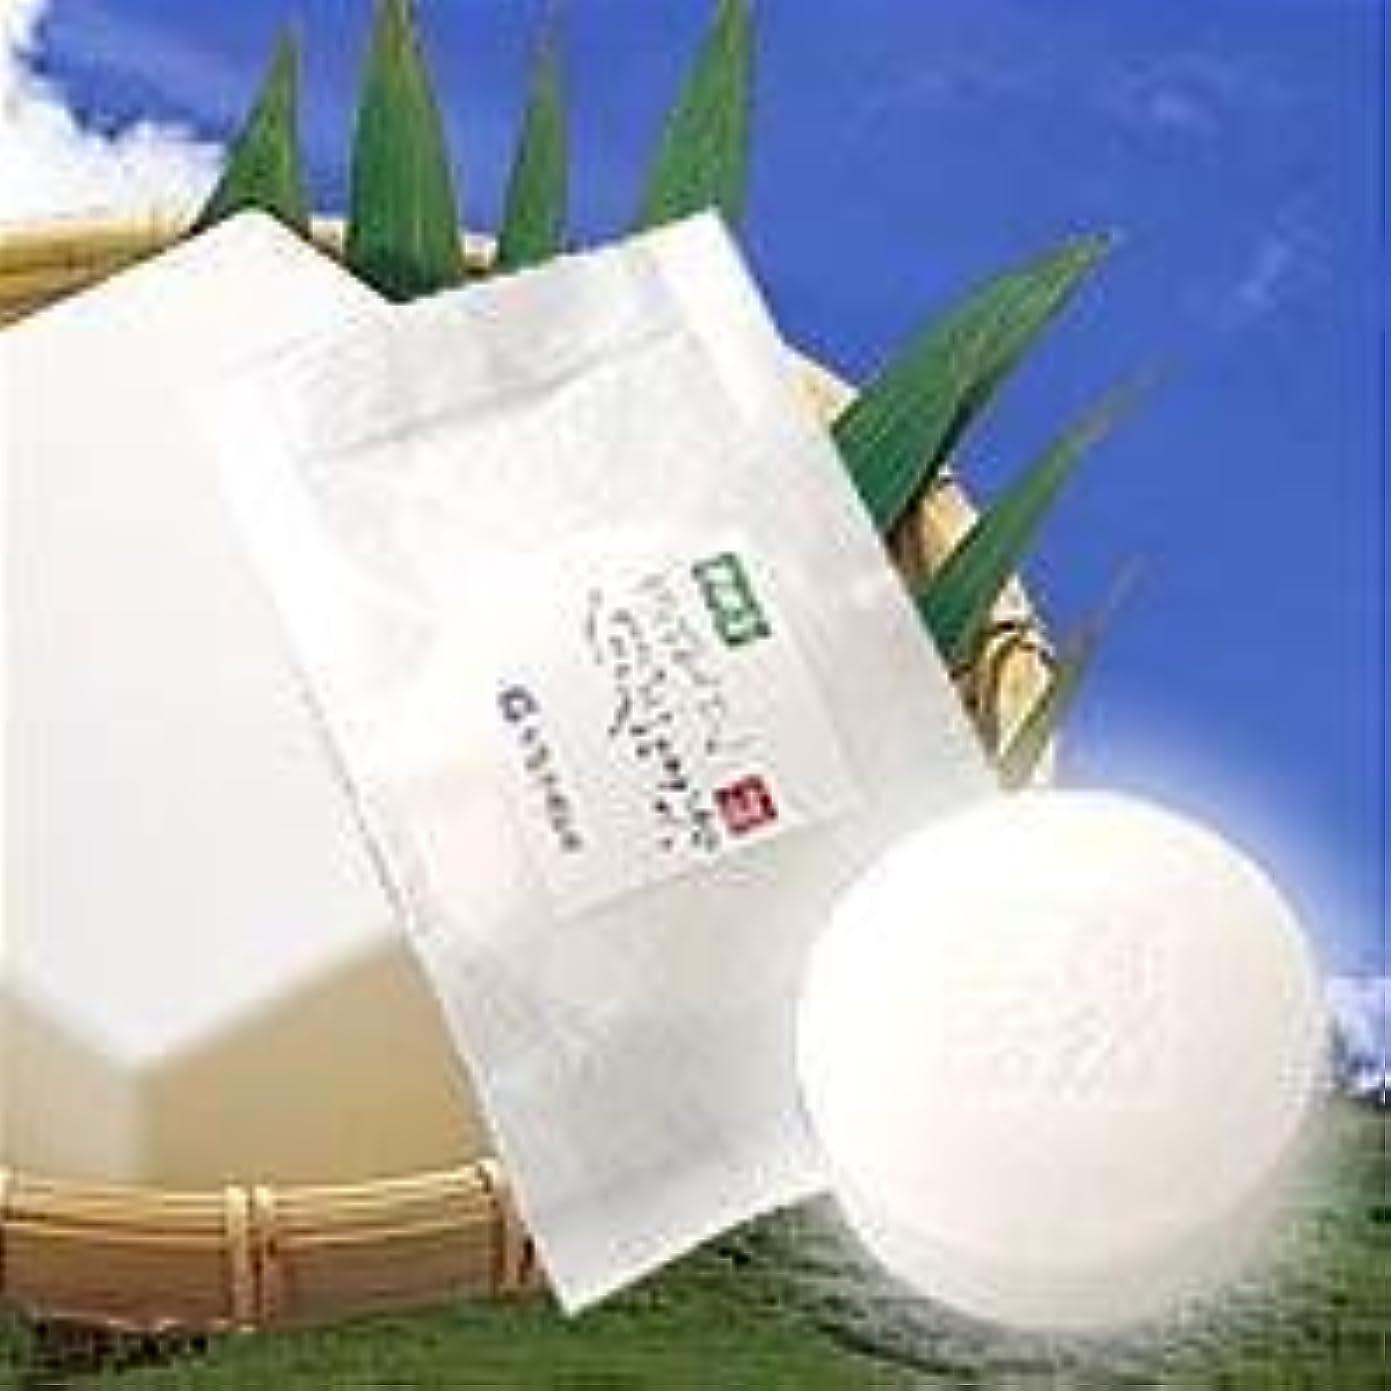 豆腐の盛田屋 豆乳せっけん 自然生活